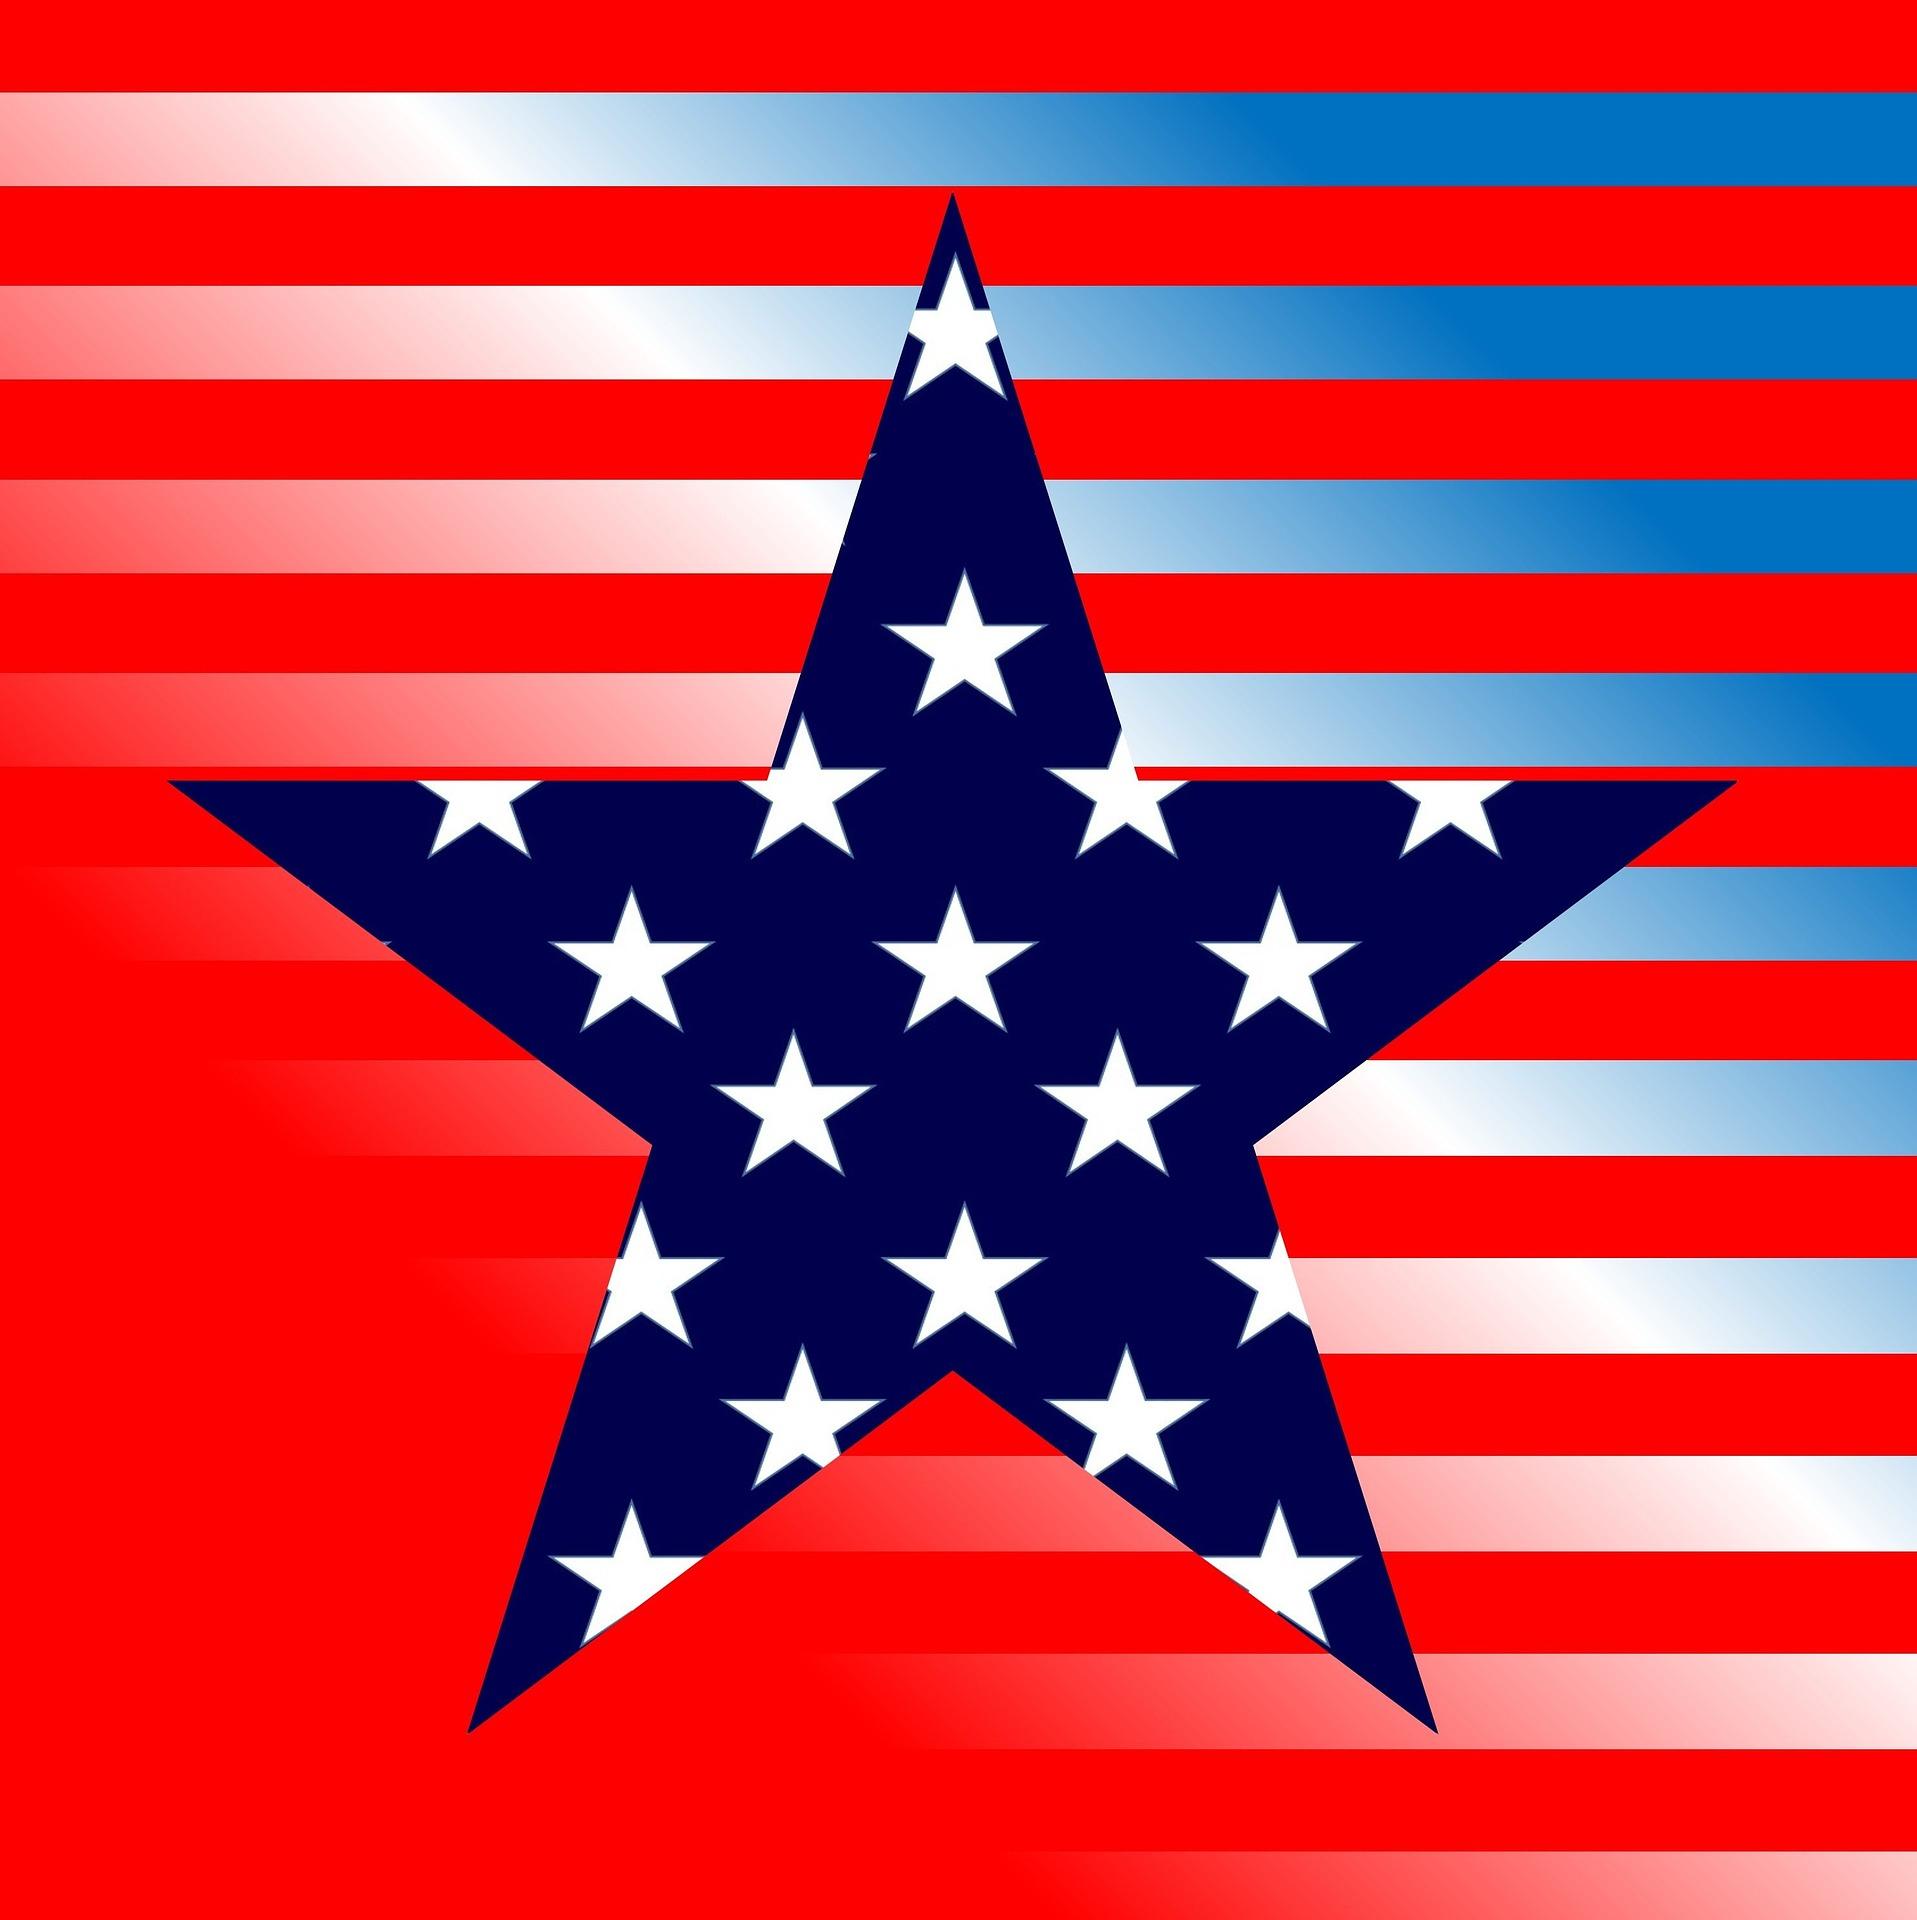 patriotic-921817_1920